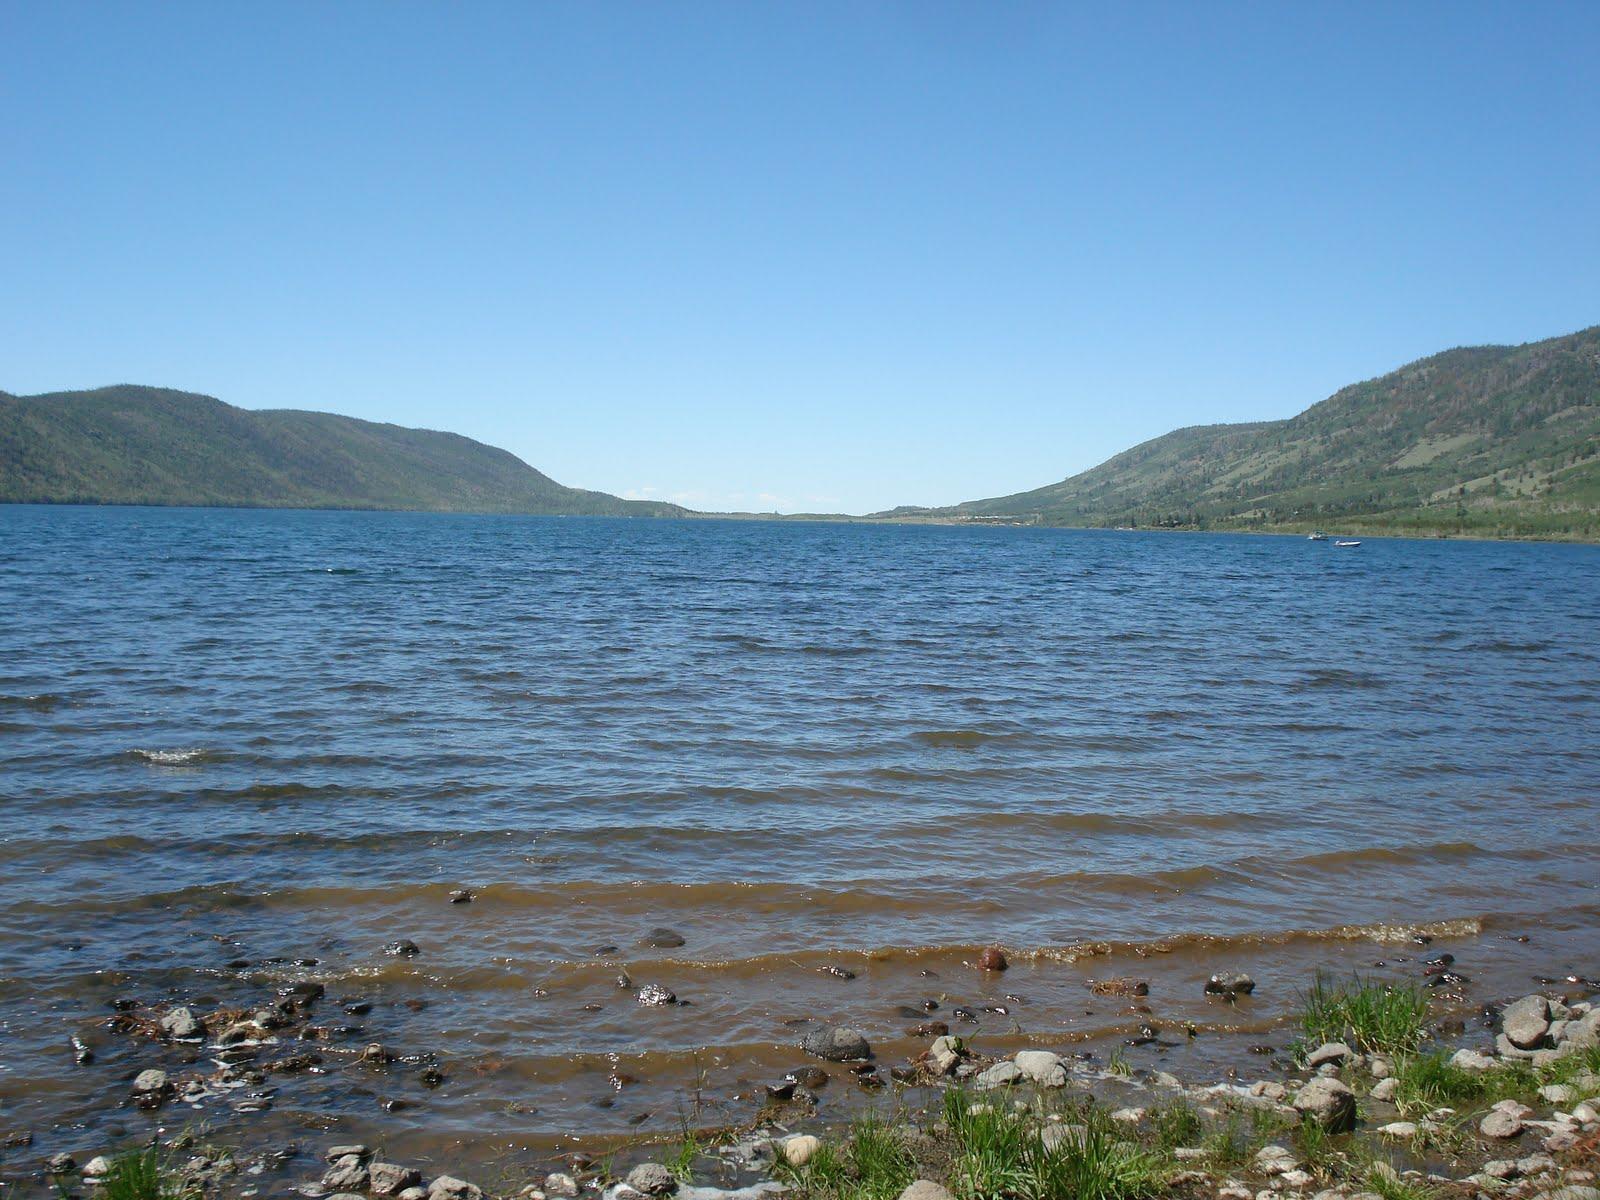 stafford 39 s on the road fish lake utah ForFish Lake Utah